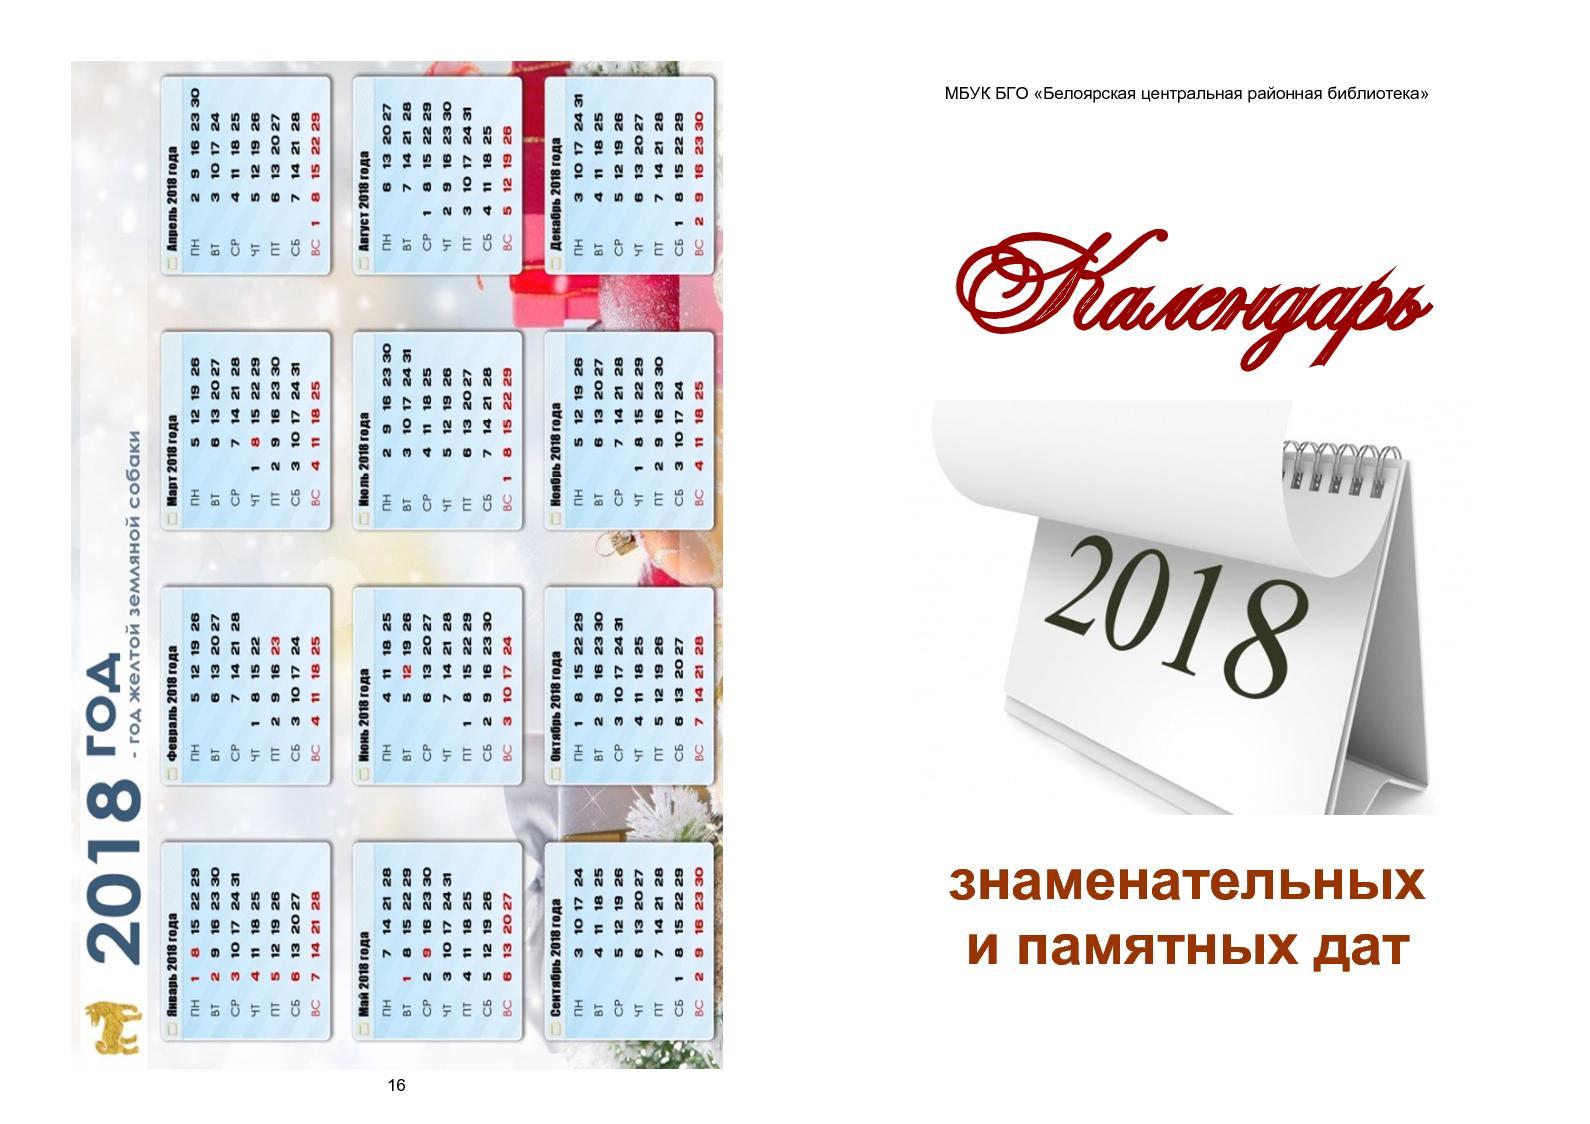 Календарь событий 2018 - праздники, именины, дни городов